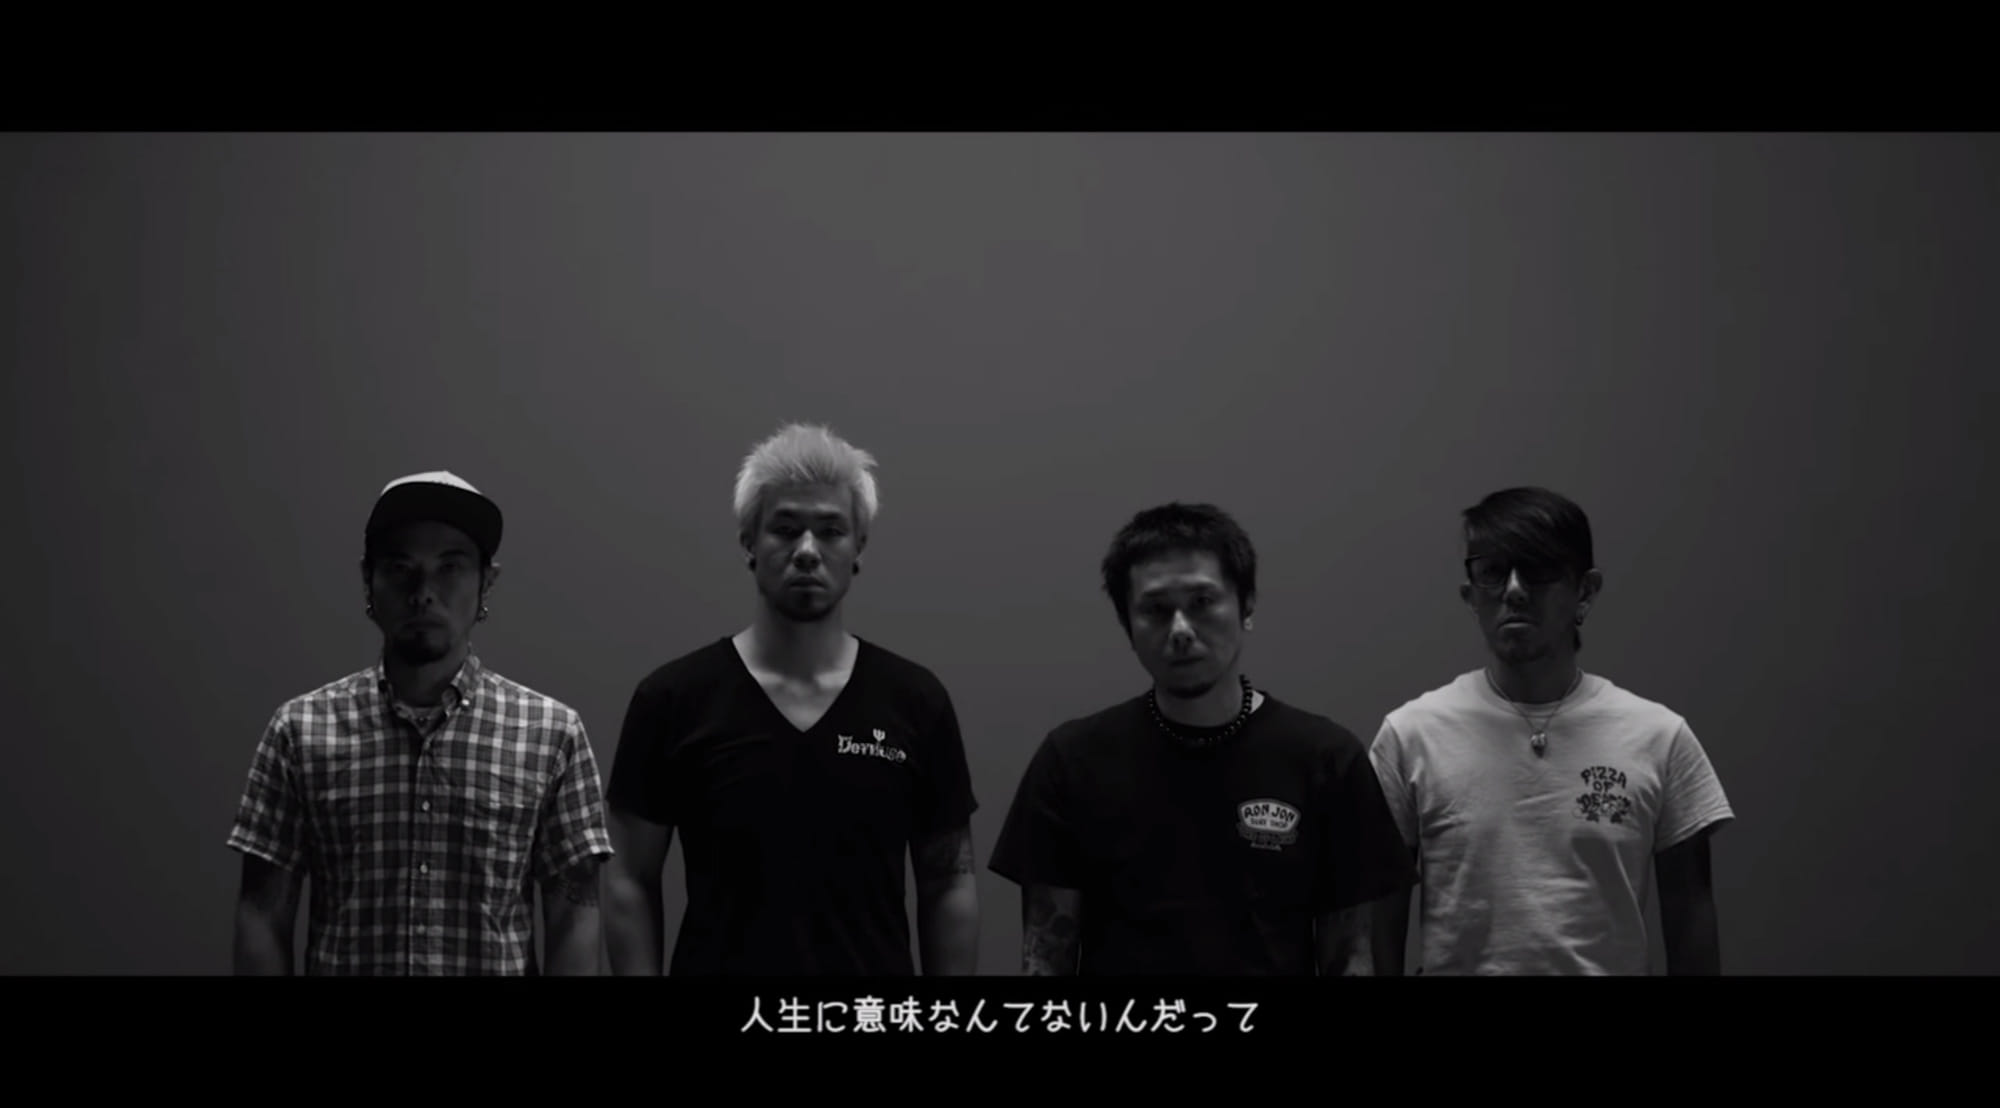 Ken Yokoyama / A Beautiful Song (OFFICIAL VIDEO)